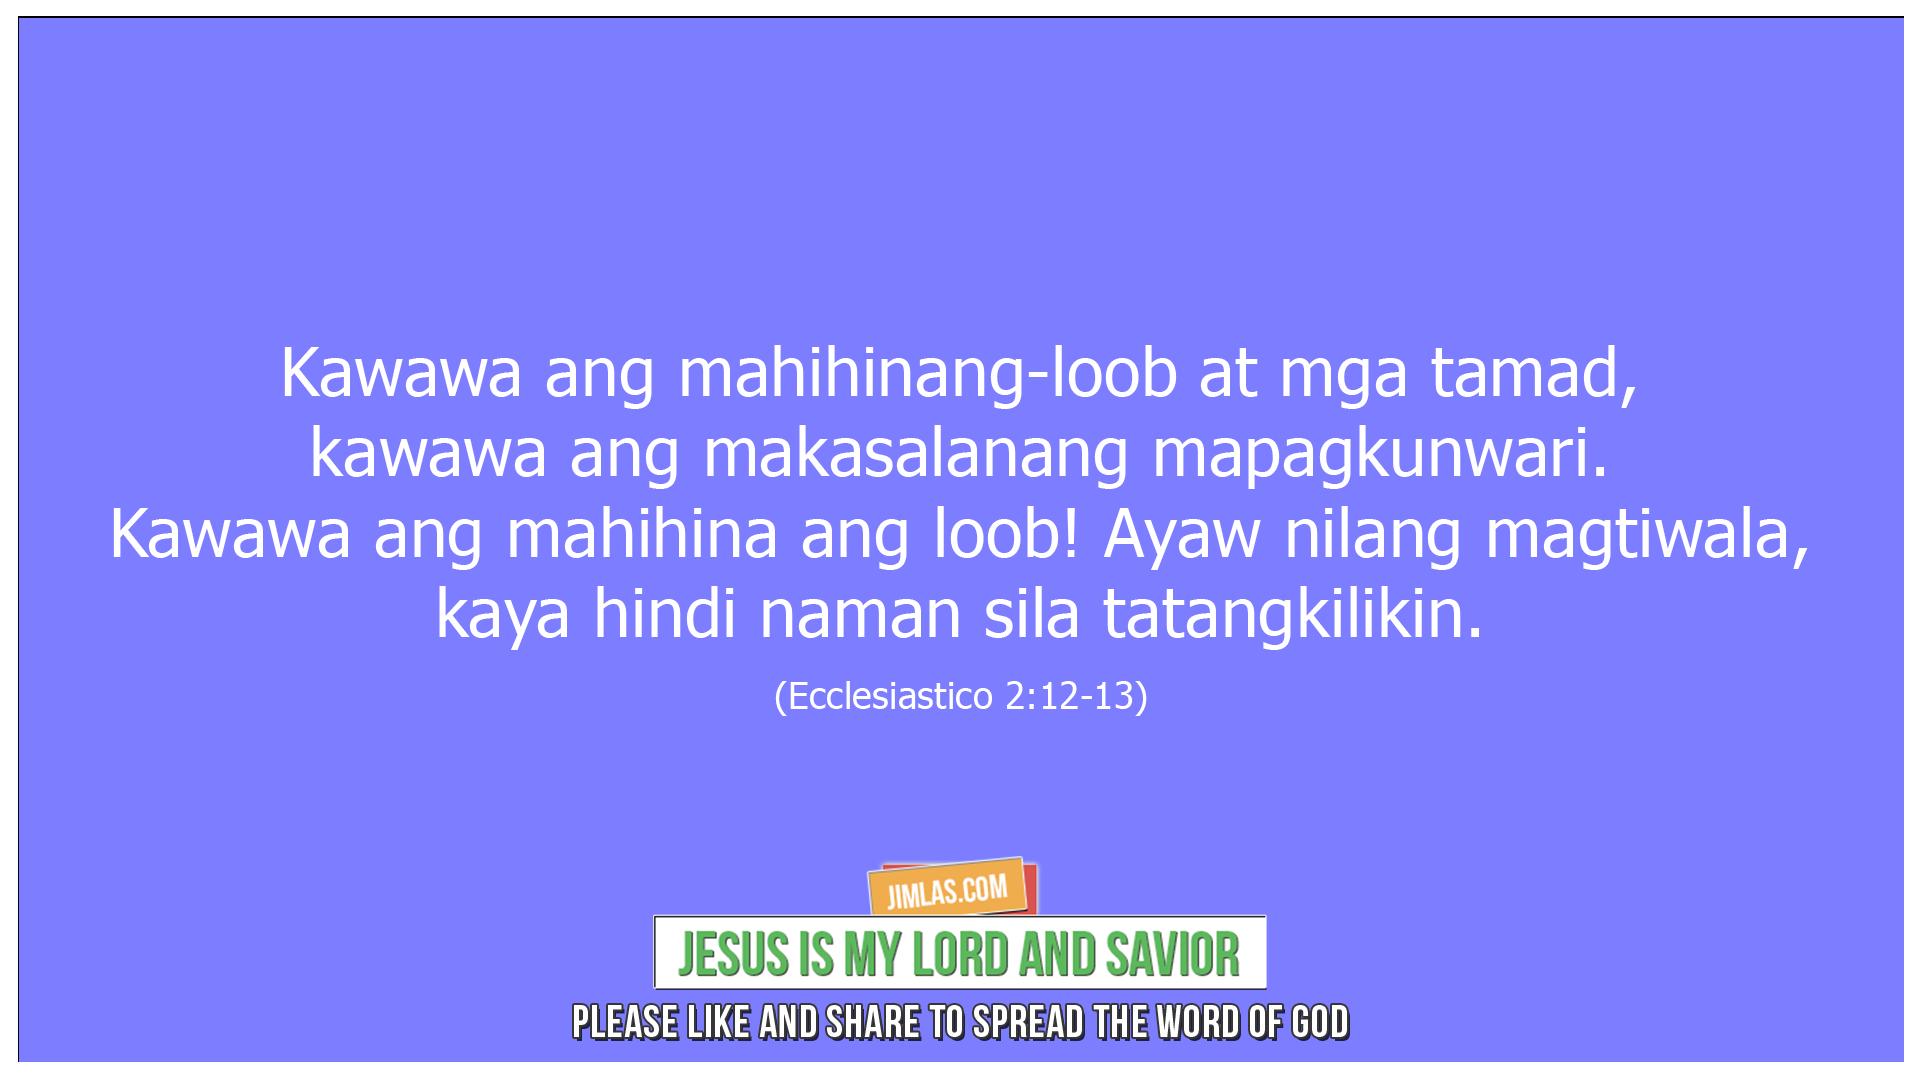 ecclesiastico 2 12-13, Ecclesiastico 2:12-13